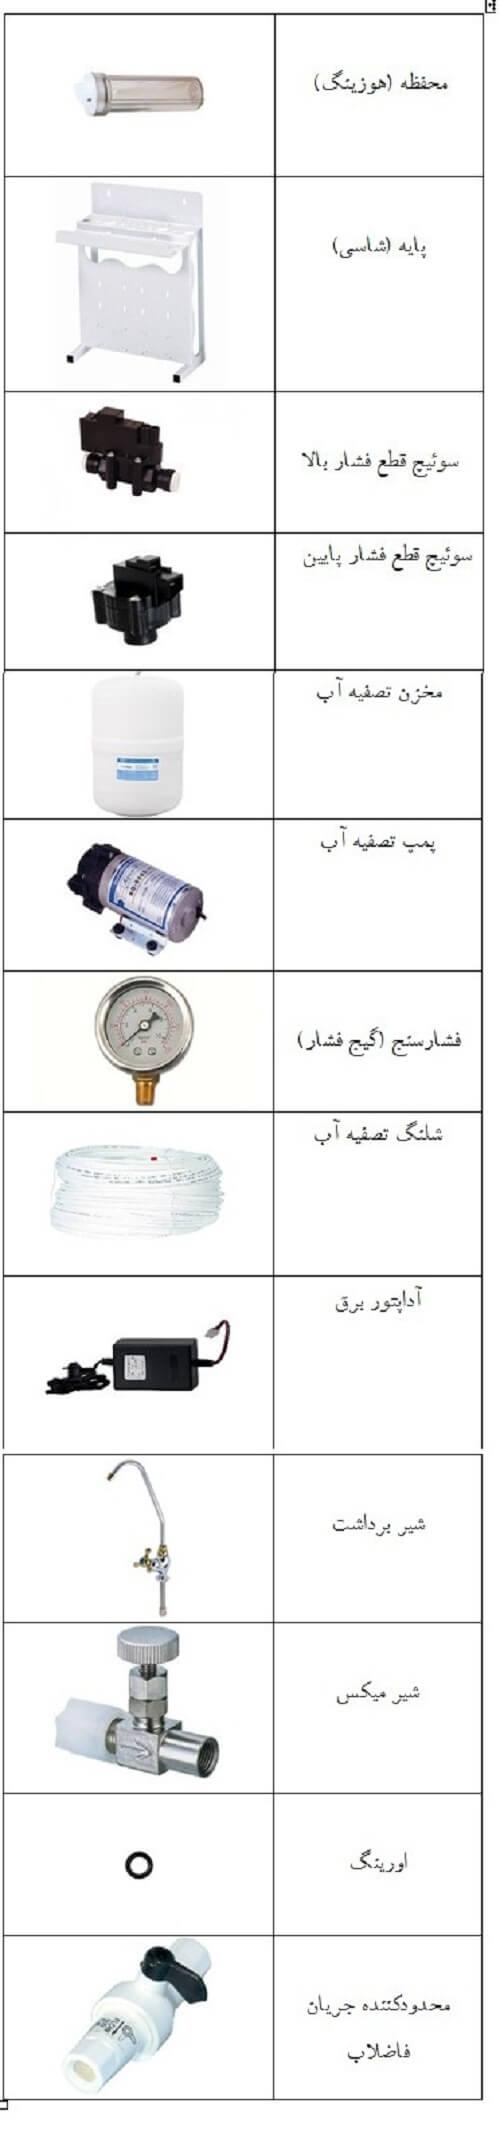 جدول قطعات دستگاه تصفیه آب